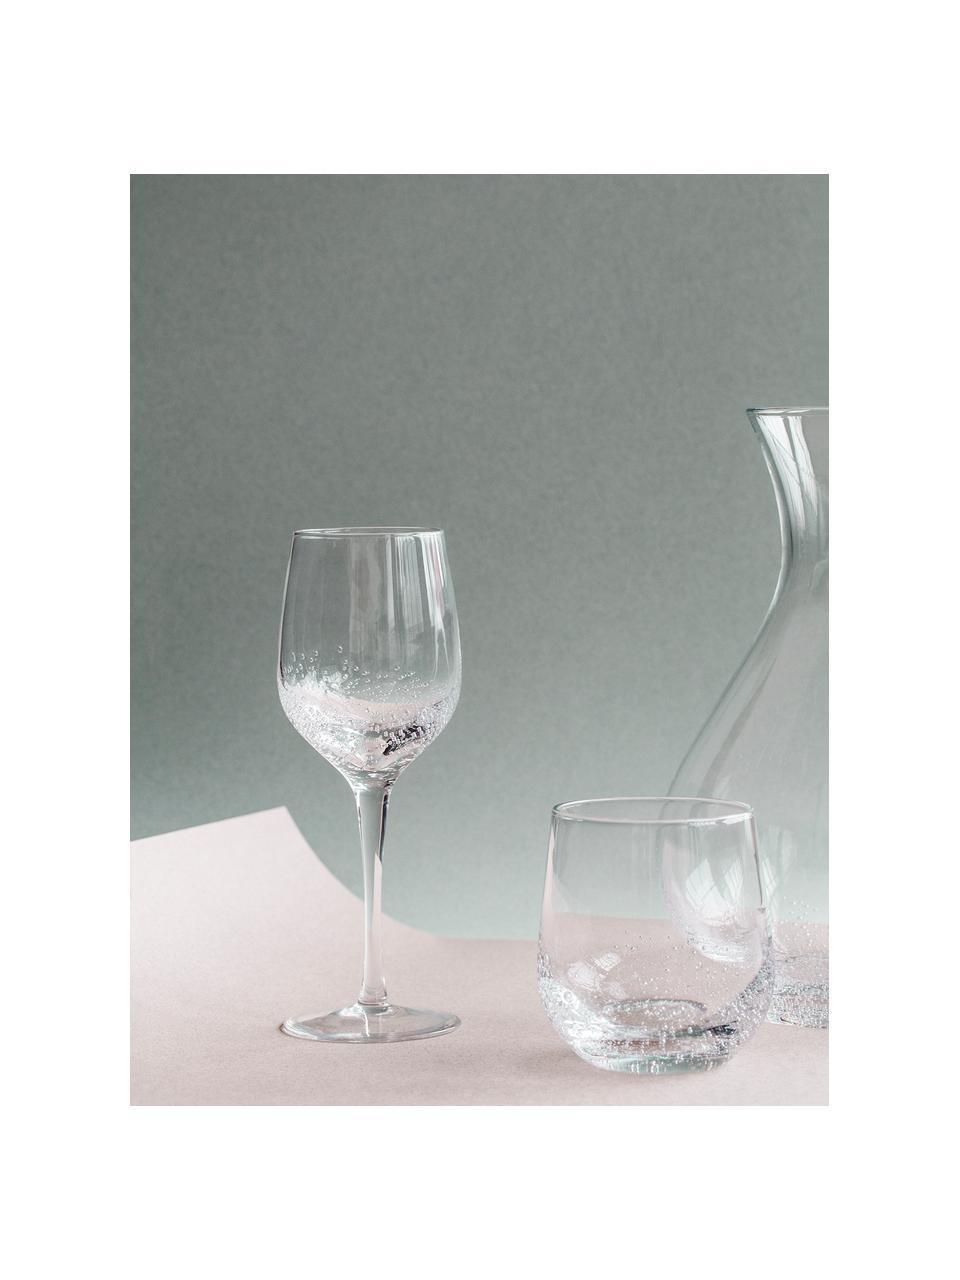 Verre à vin blanc soufflé bouche Bubble, 4pièces, Transparent avec bulles d'air emprisonnées